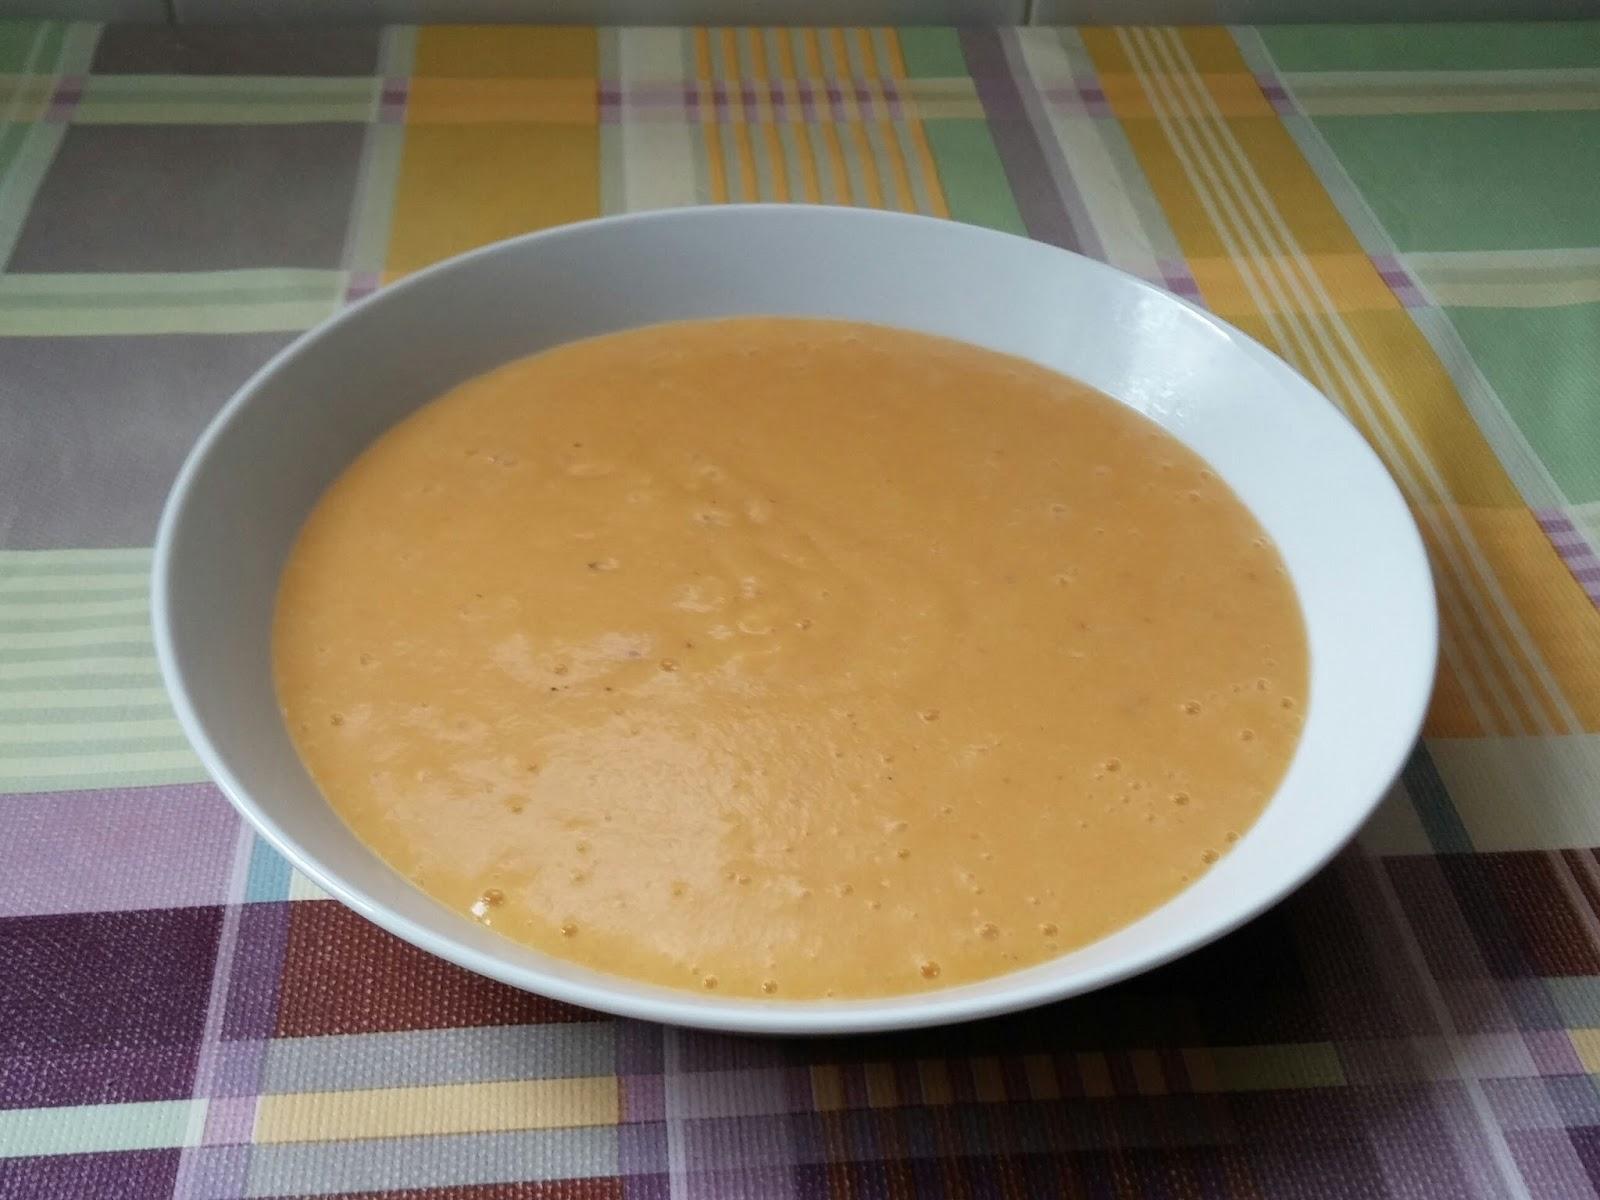 Crema de puerro con zanahoria